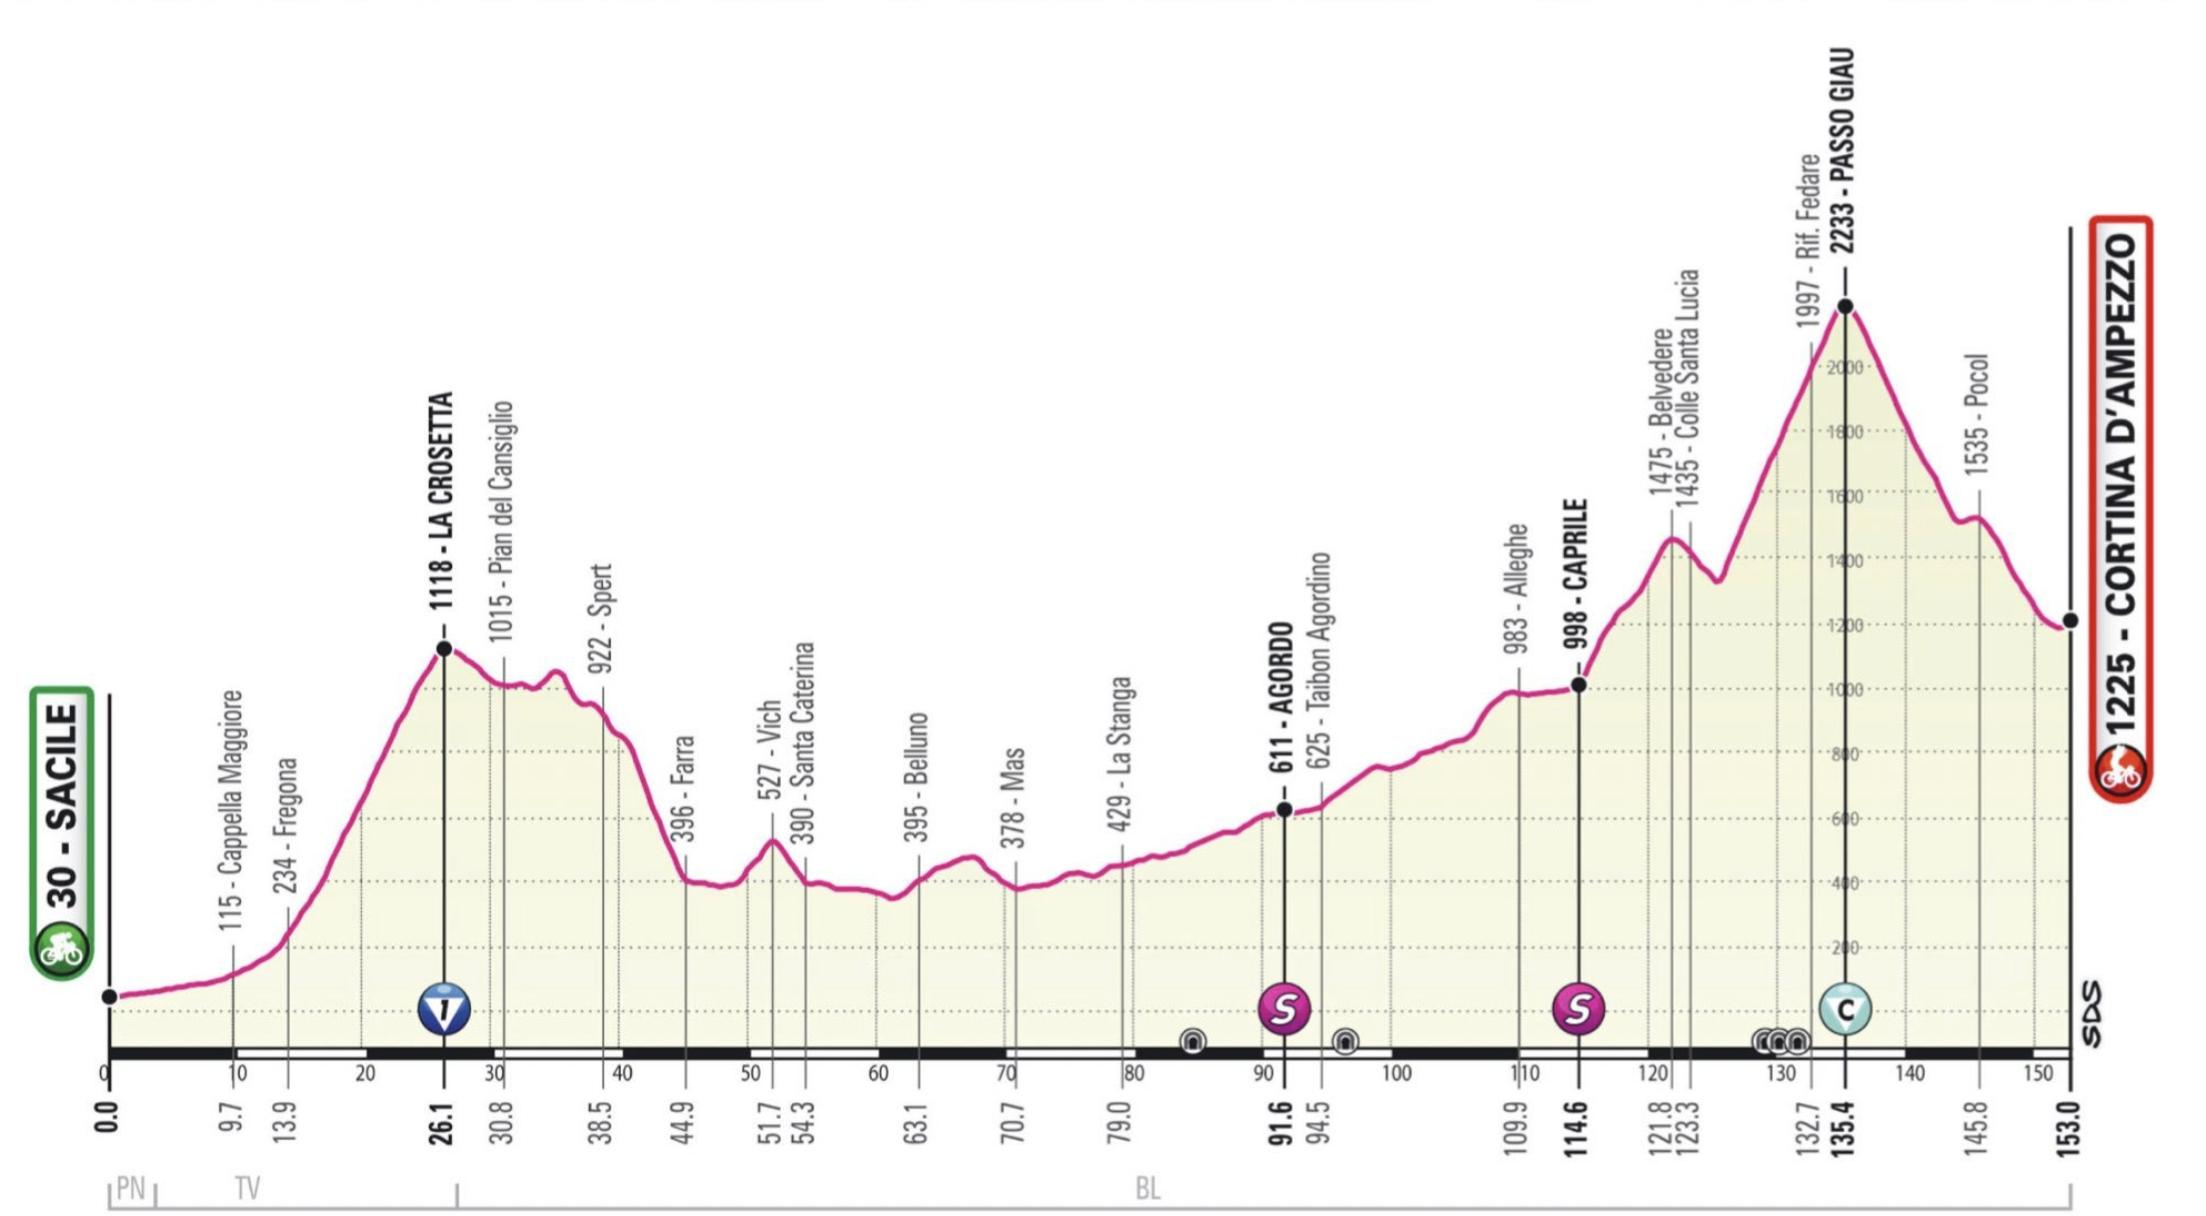 Giro d'Italia 2021 stage 16 Passo Giau